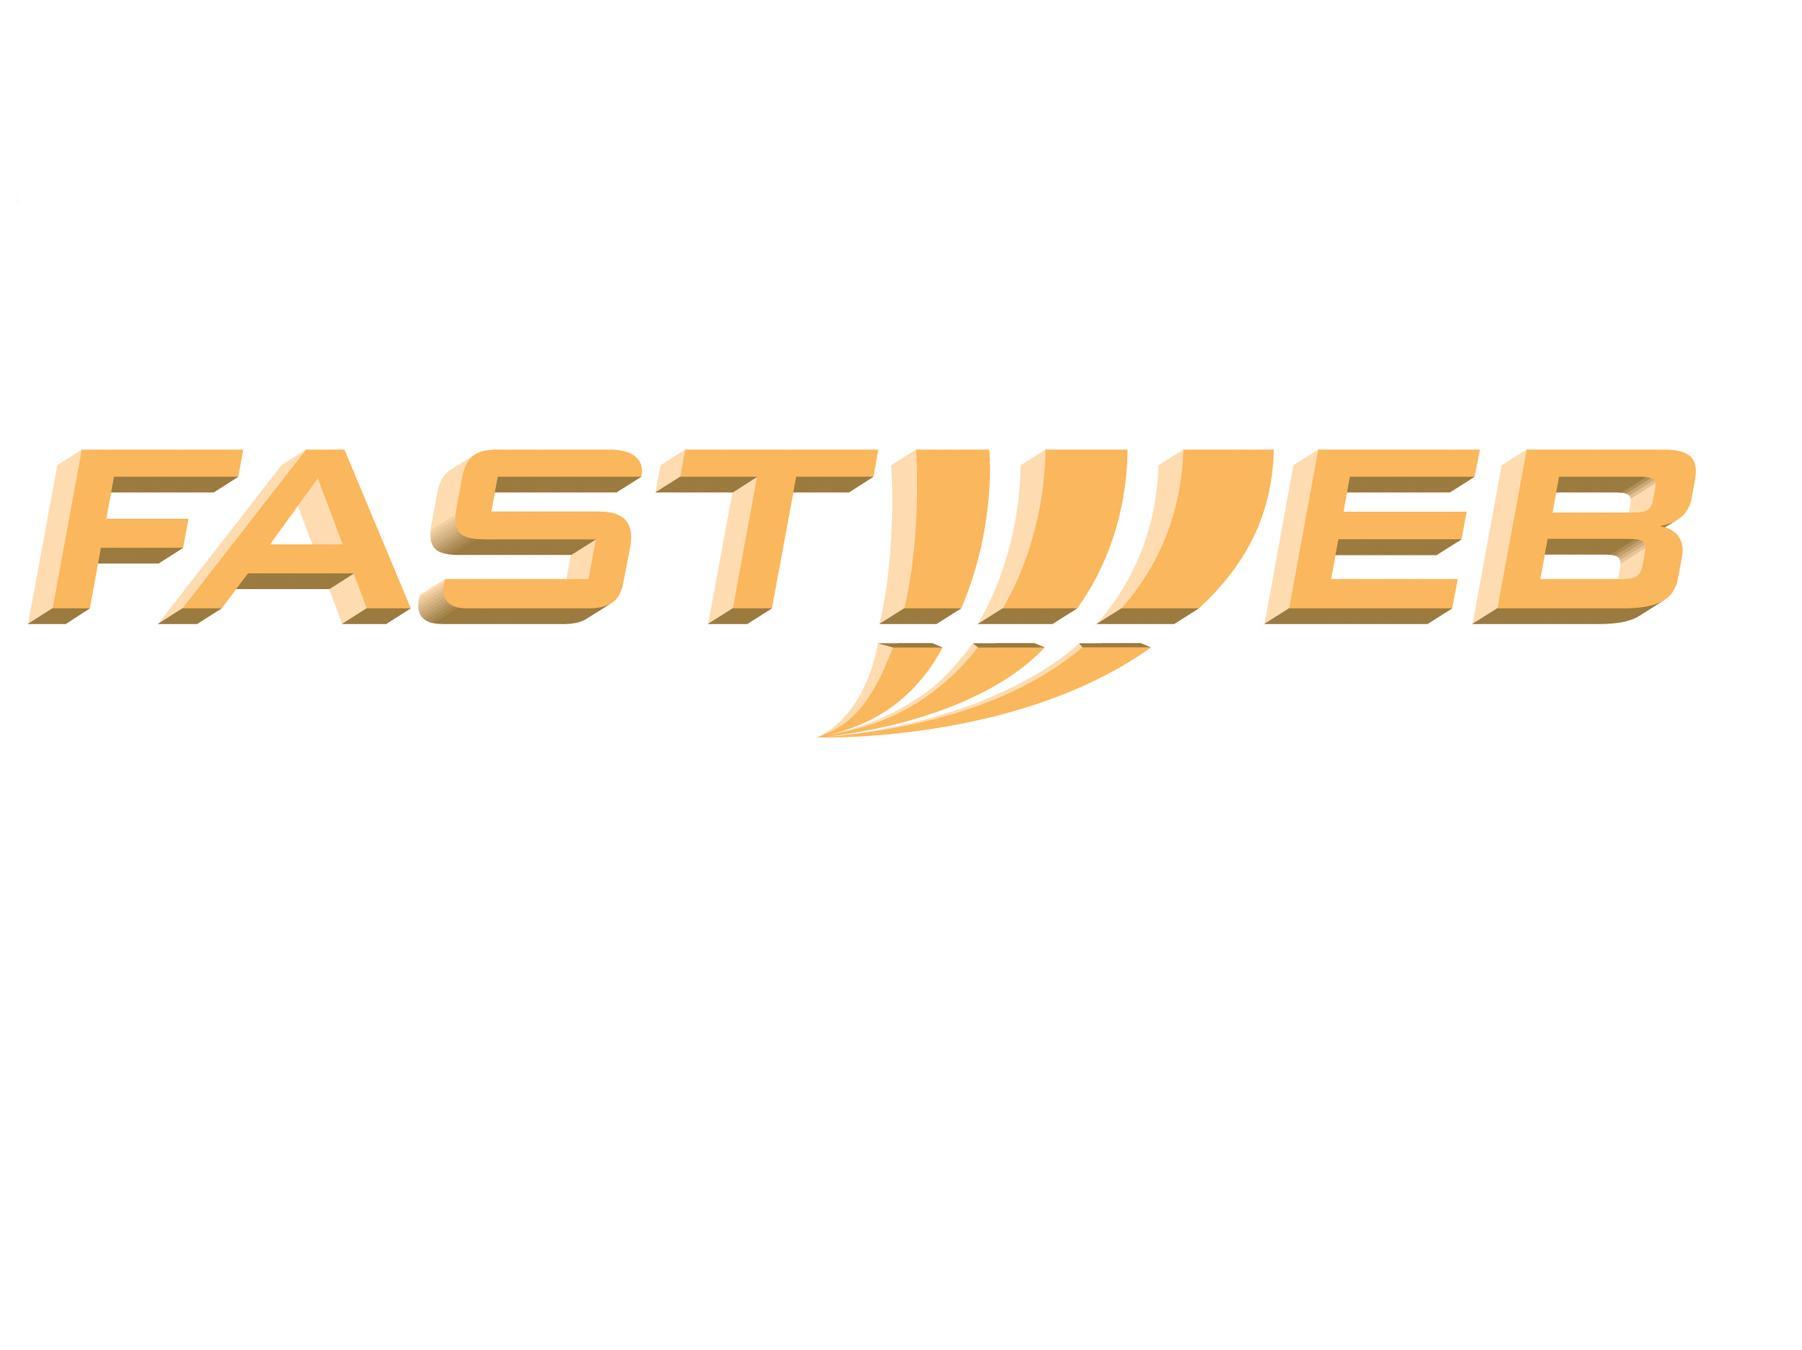 Tutte le migliori offerte Fibra di Fastweb in scadenza oggi